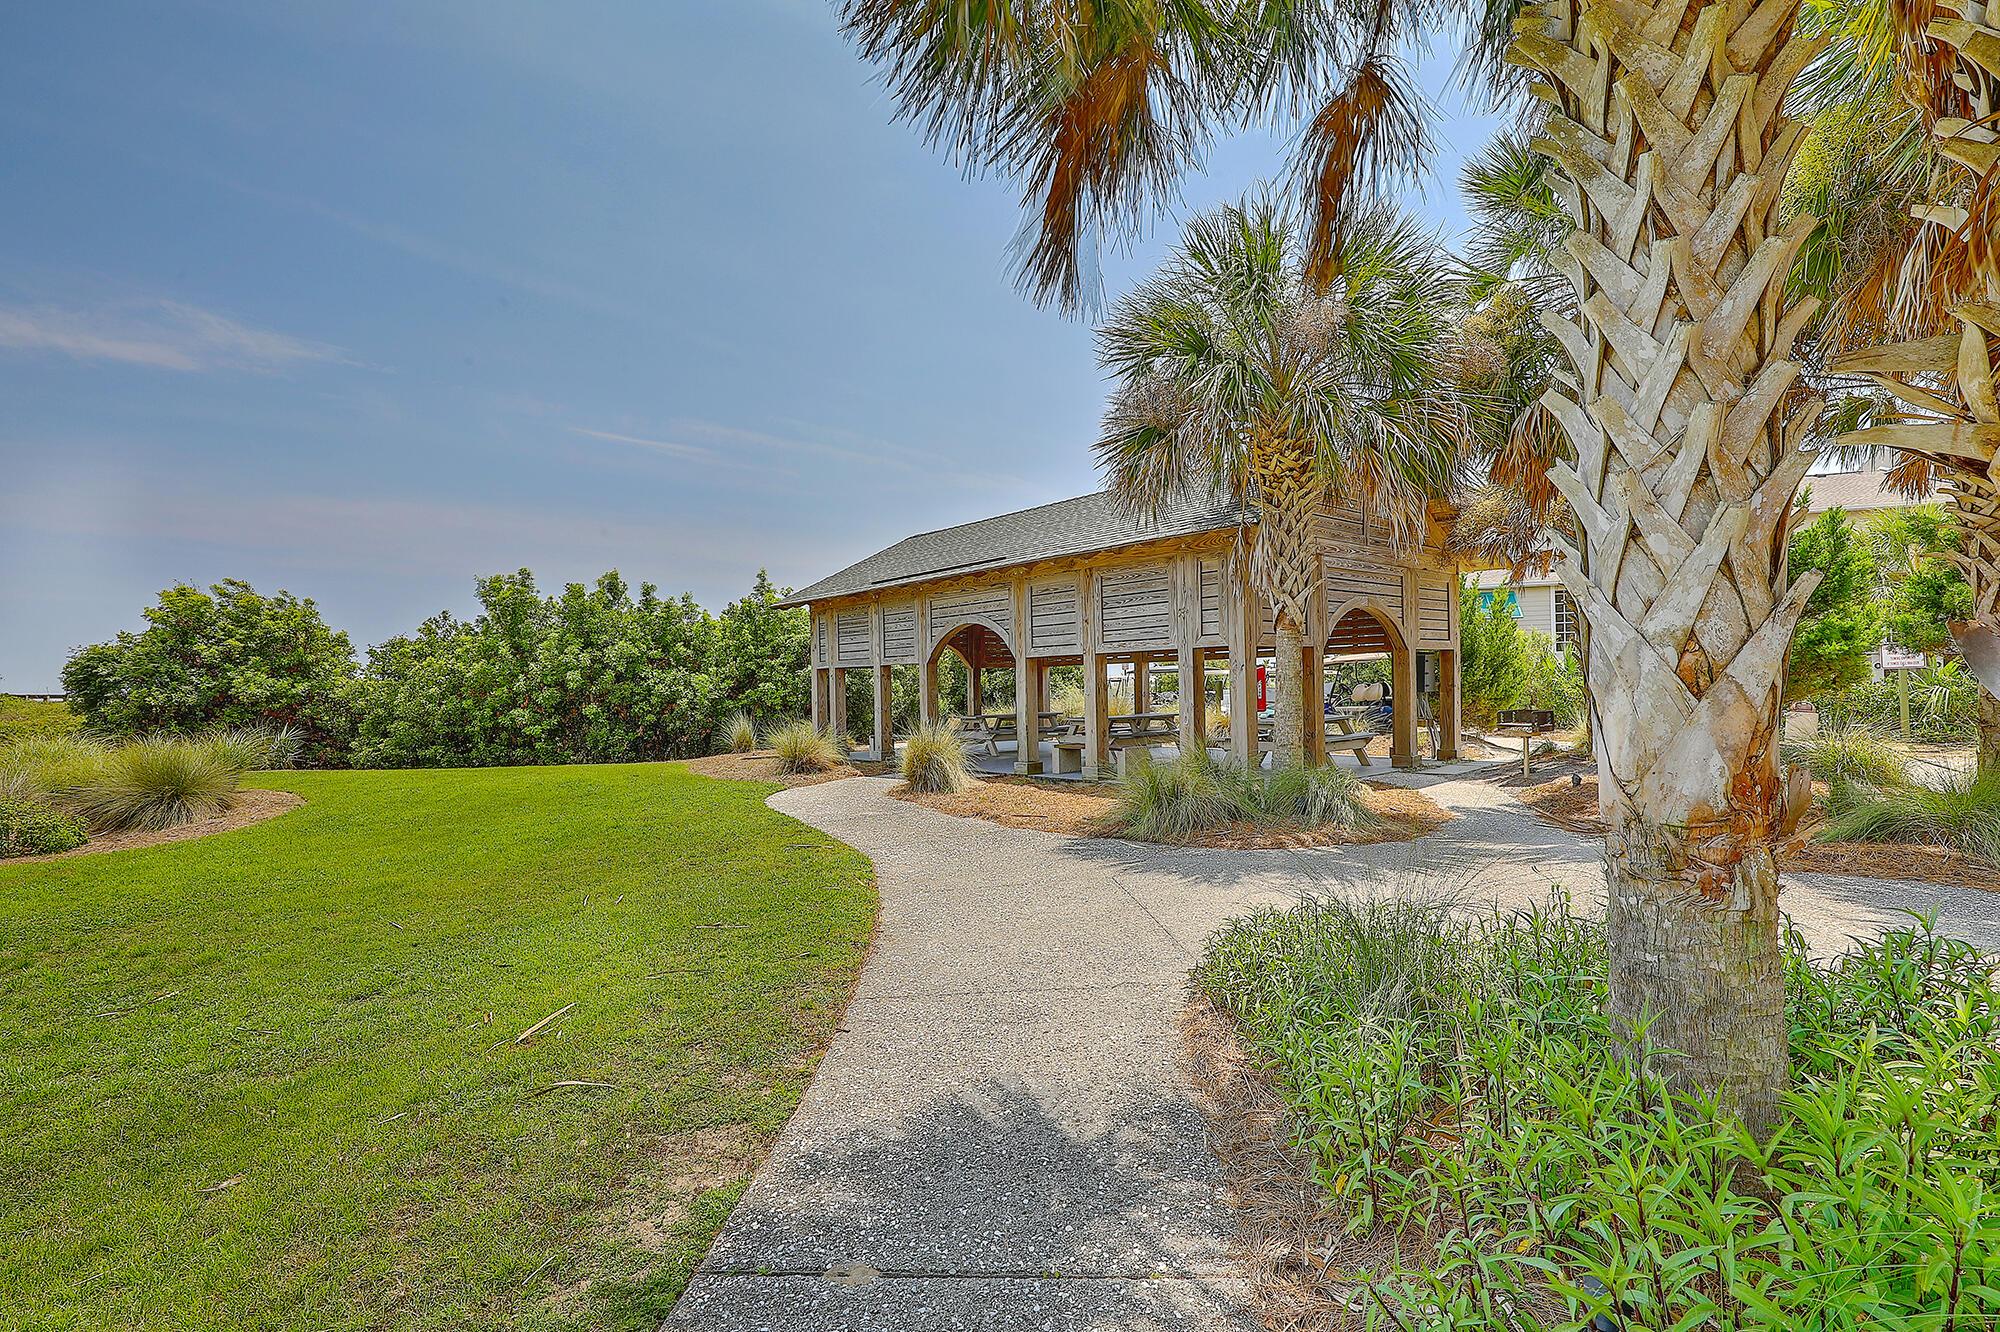 Beach Club Villas Homes For Sale - 15 Beach Club Villas, Isle of Palms, SC - 13